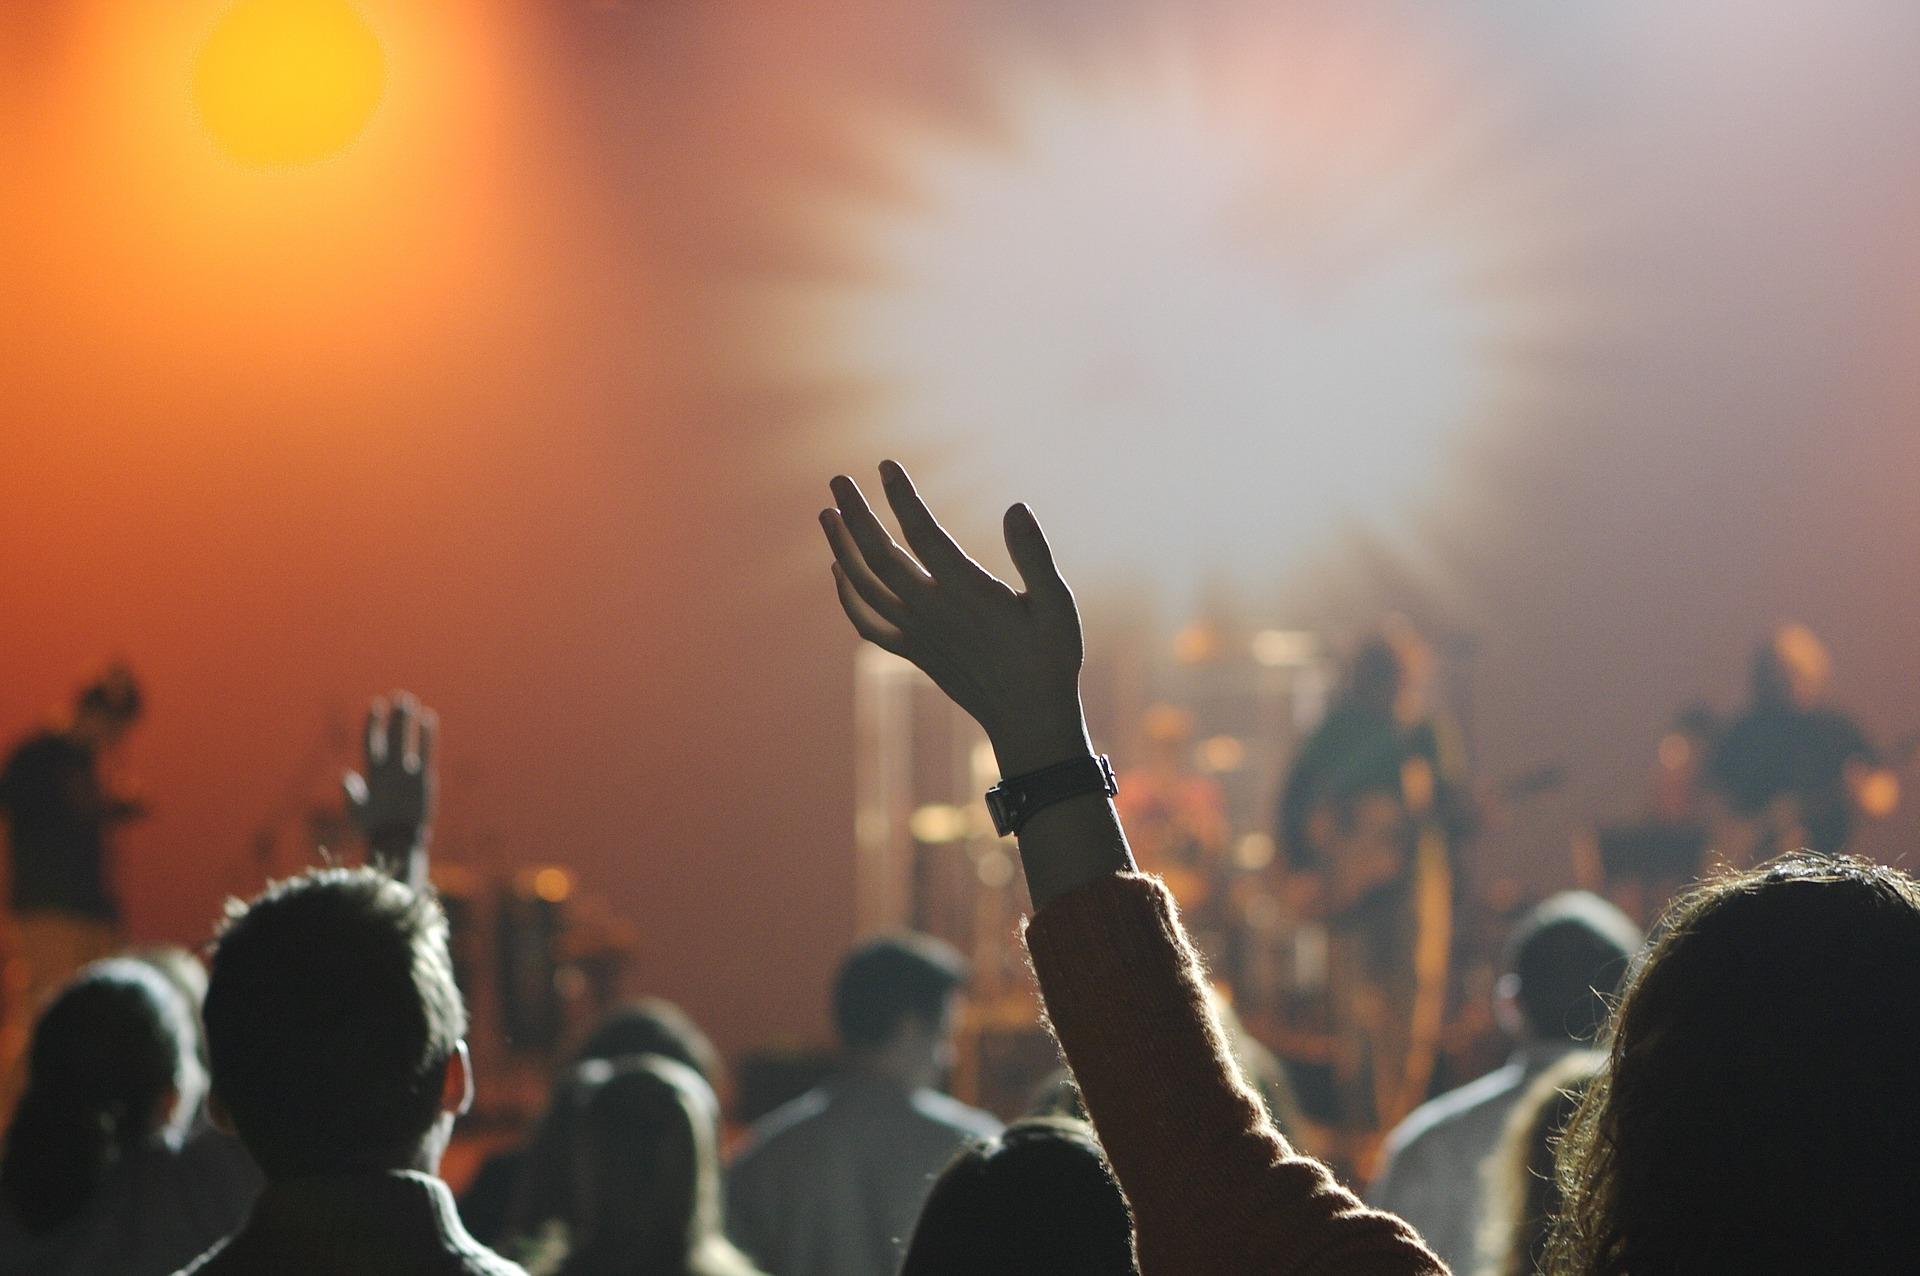 audience-868074_1920 (1).jpg